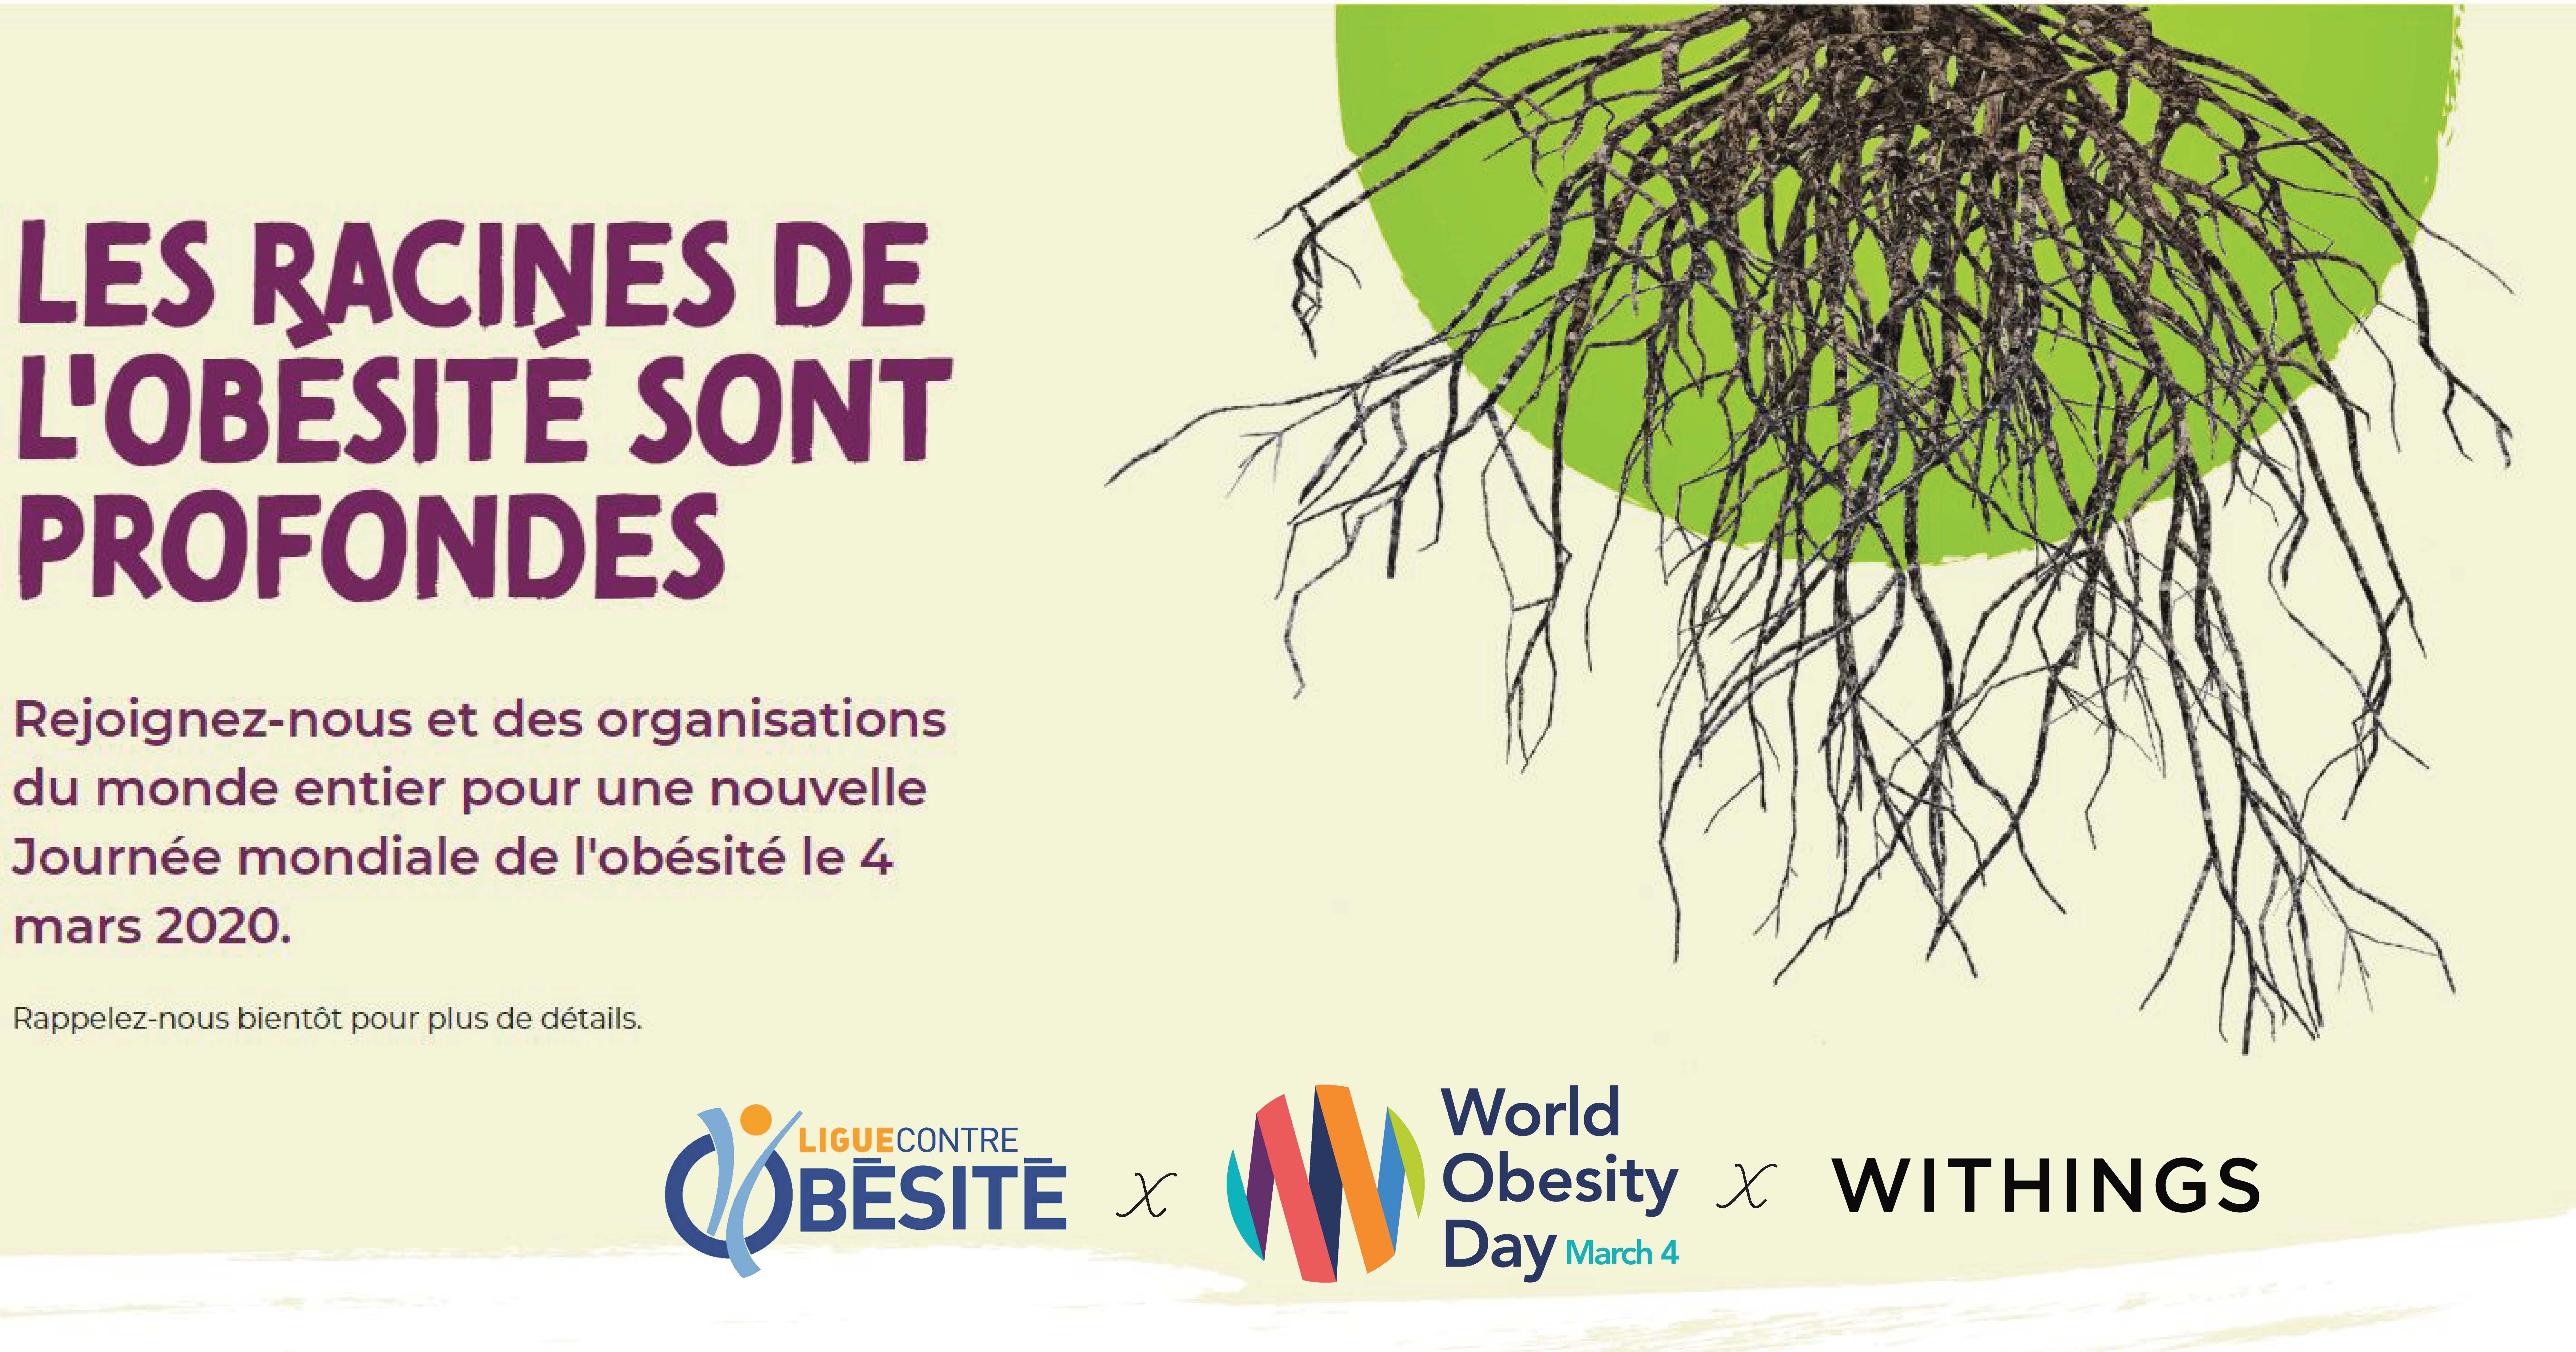 La Ligue contre l'obésité (LCO) se mobilise dans le cadre du World Obesity Day. Associée à la Journée mondiale unifiée contre l'obésité organisée par la World Obesity Federation, la LCO organise 12 marches dans 12 grandes villes. L'occasion également de dévoiler les résultats d'un sondage sur « les Français et l'obésité ».